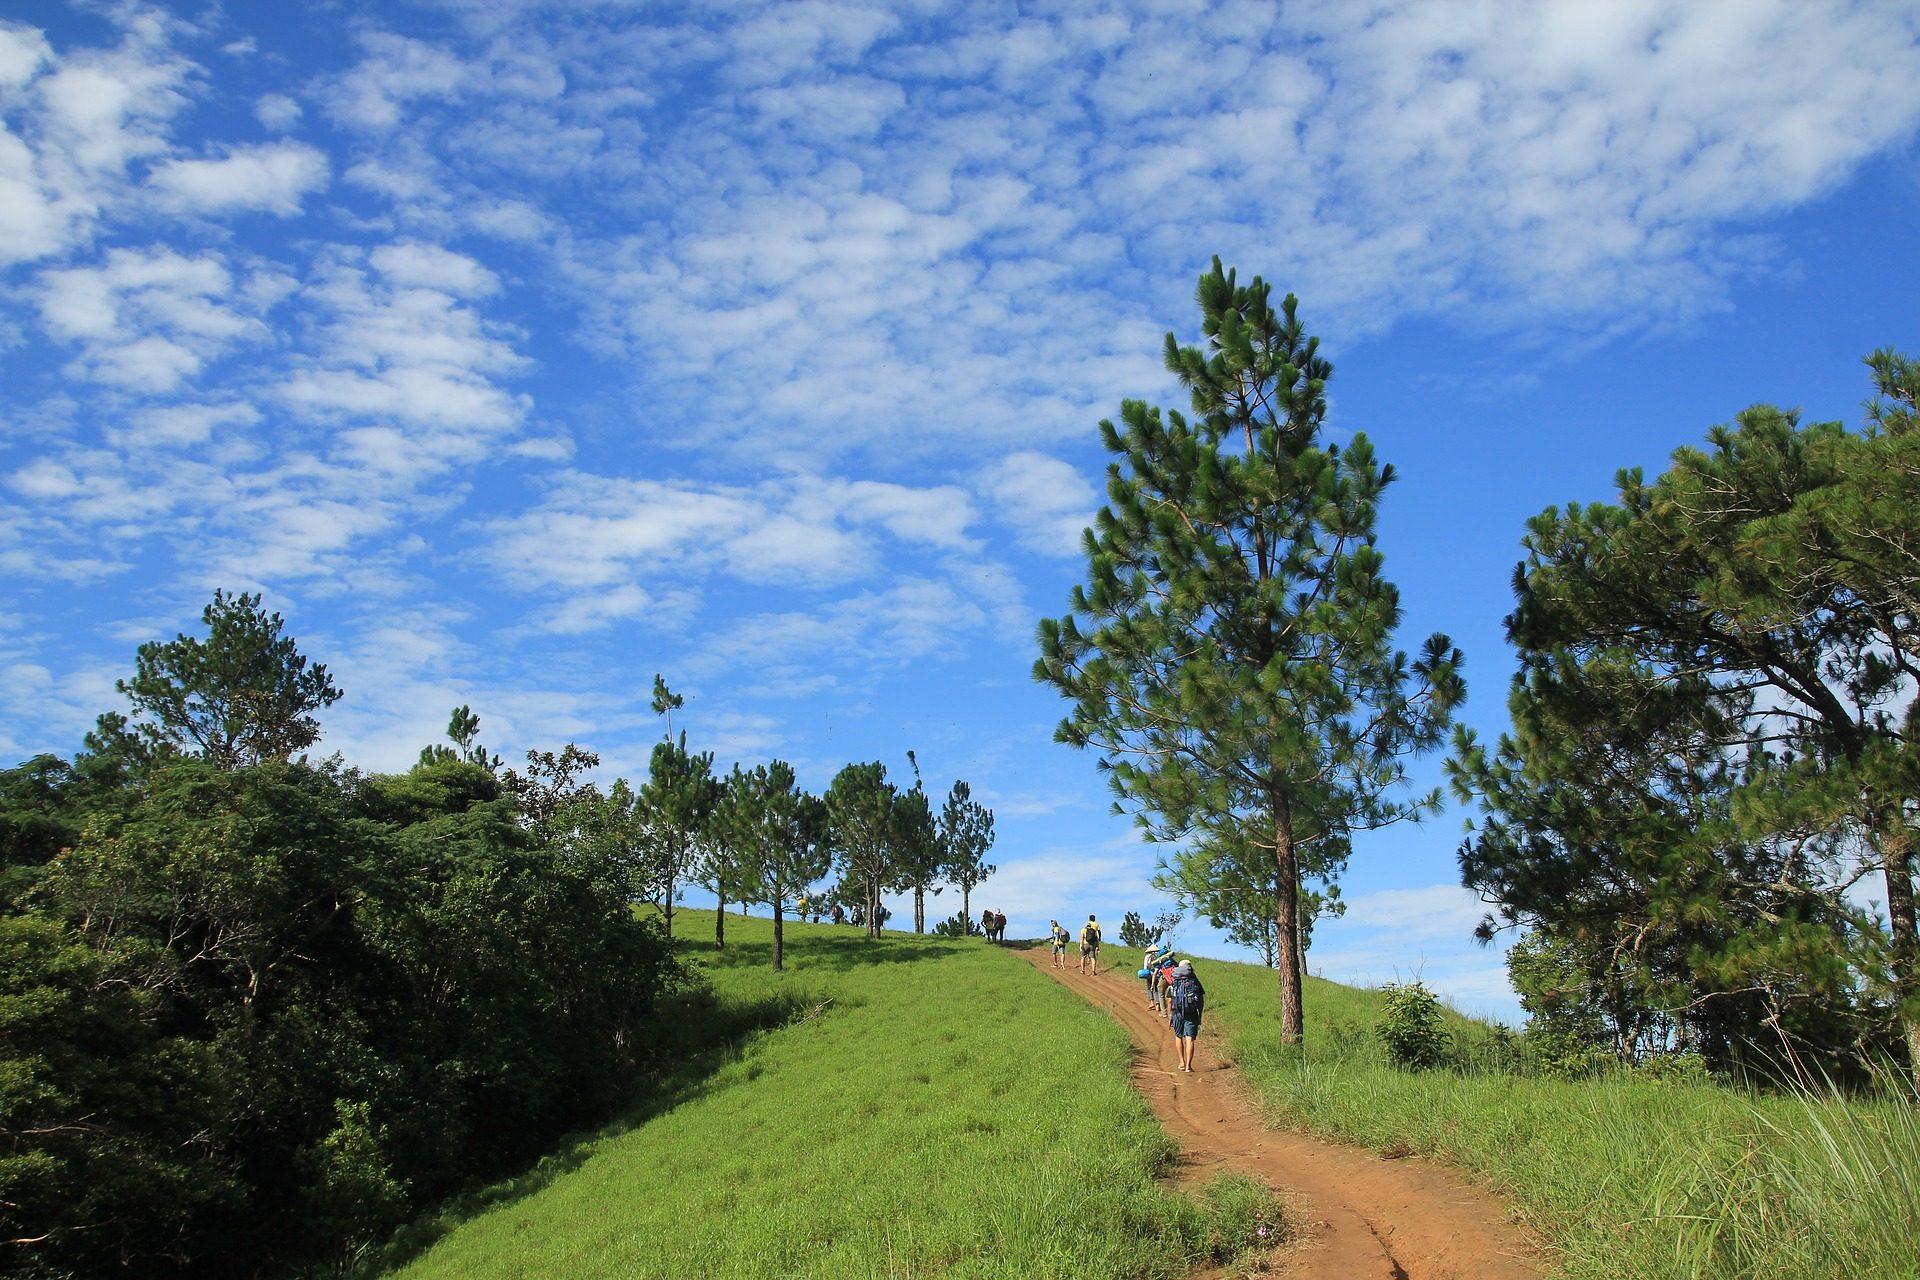 тротуар, Дорога, растительность, ходунки, деревья, Небо, облака - Обои HD - Профессор falken.com